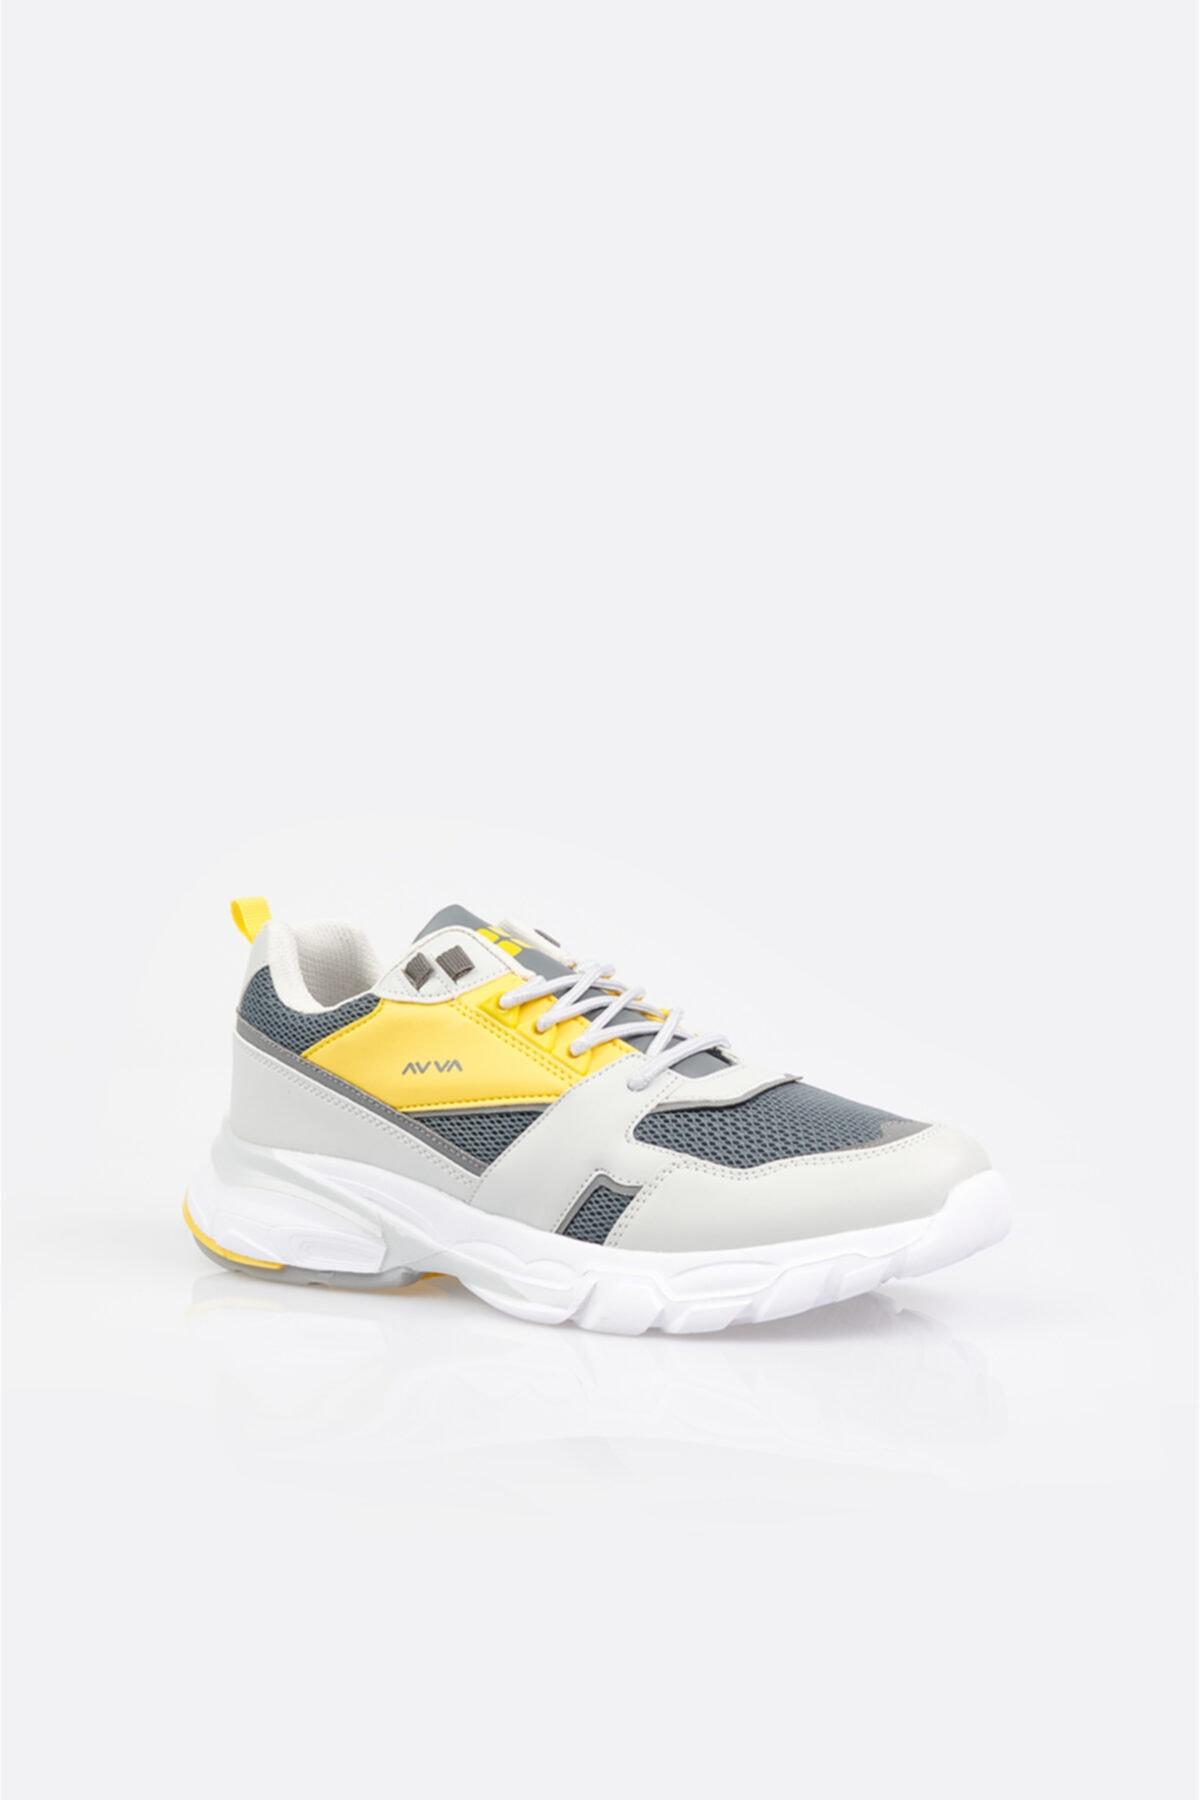 Avva Erkek Gri Garnili Spor Ayakkabı A11y8012 1